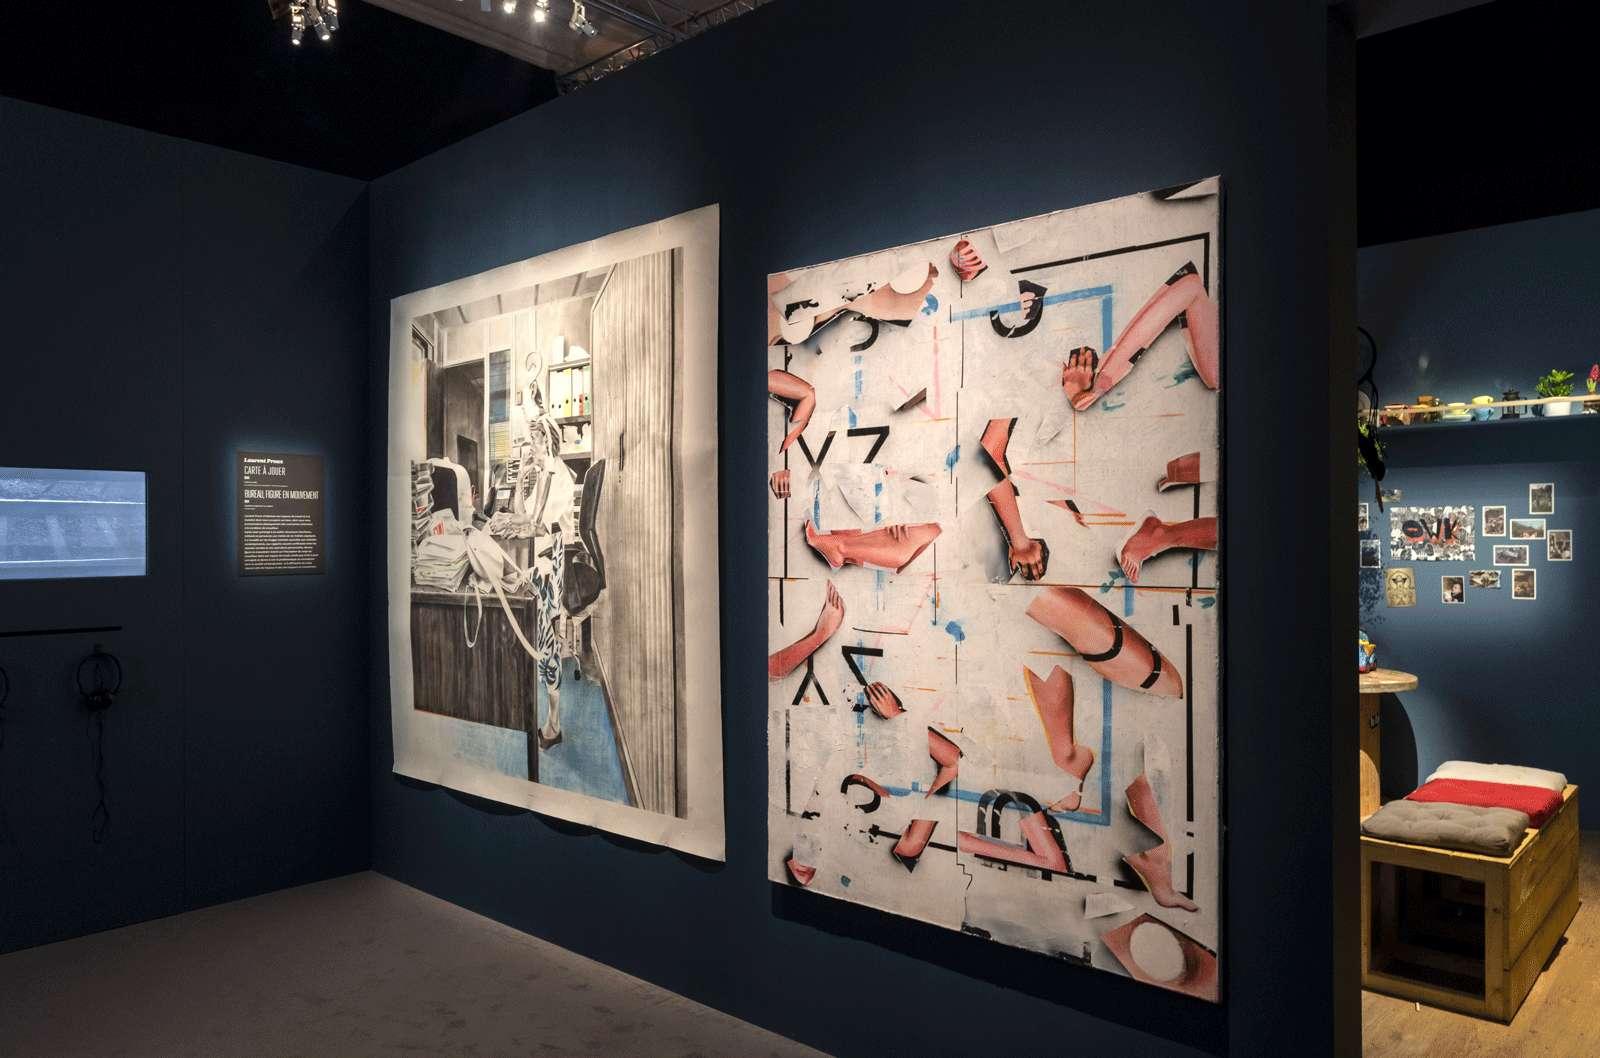 Laurent Proux Mobile Immobile Archives Nationales, Paris (FR) - Maison de la photographie, Lille (FR) 16 janvier  — 29 avril 2019